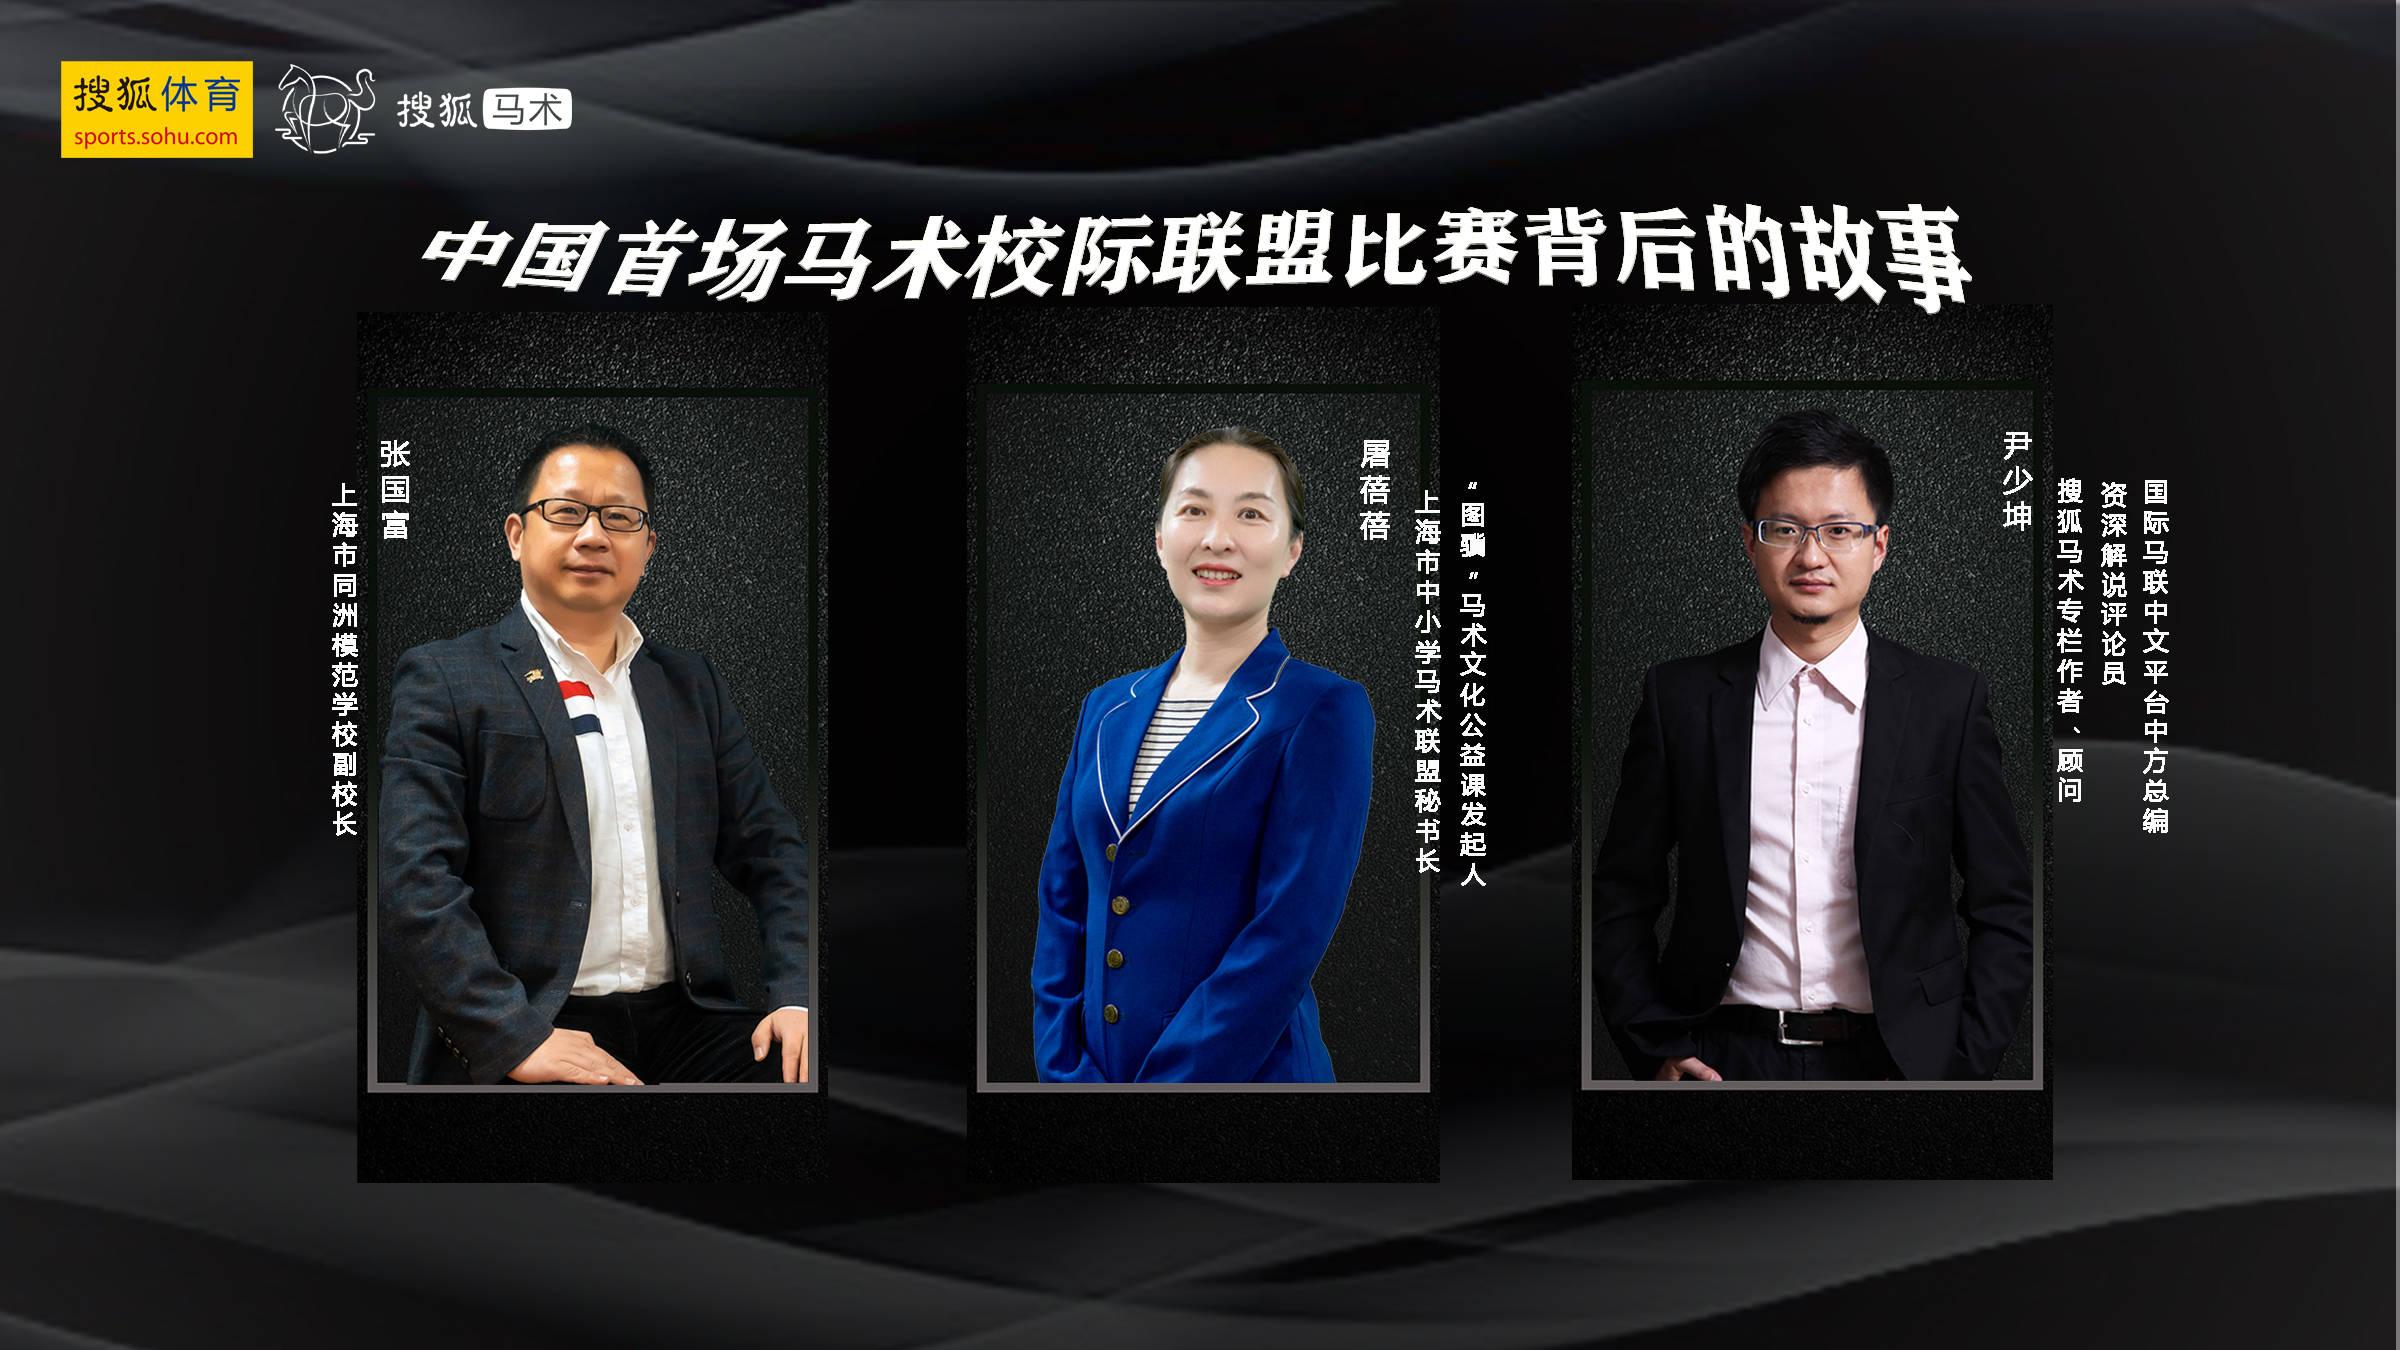 中国首届马术校际联盟比赛6月13日登陆上海